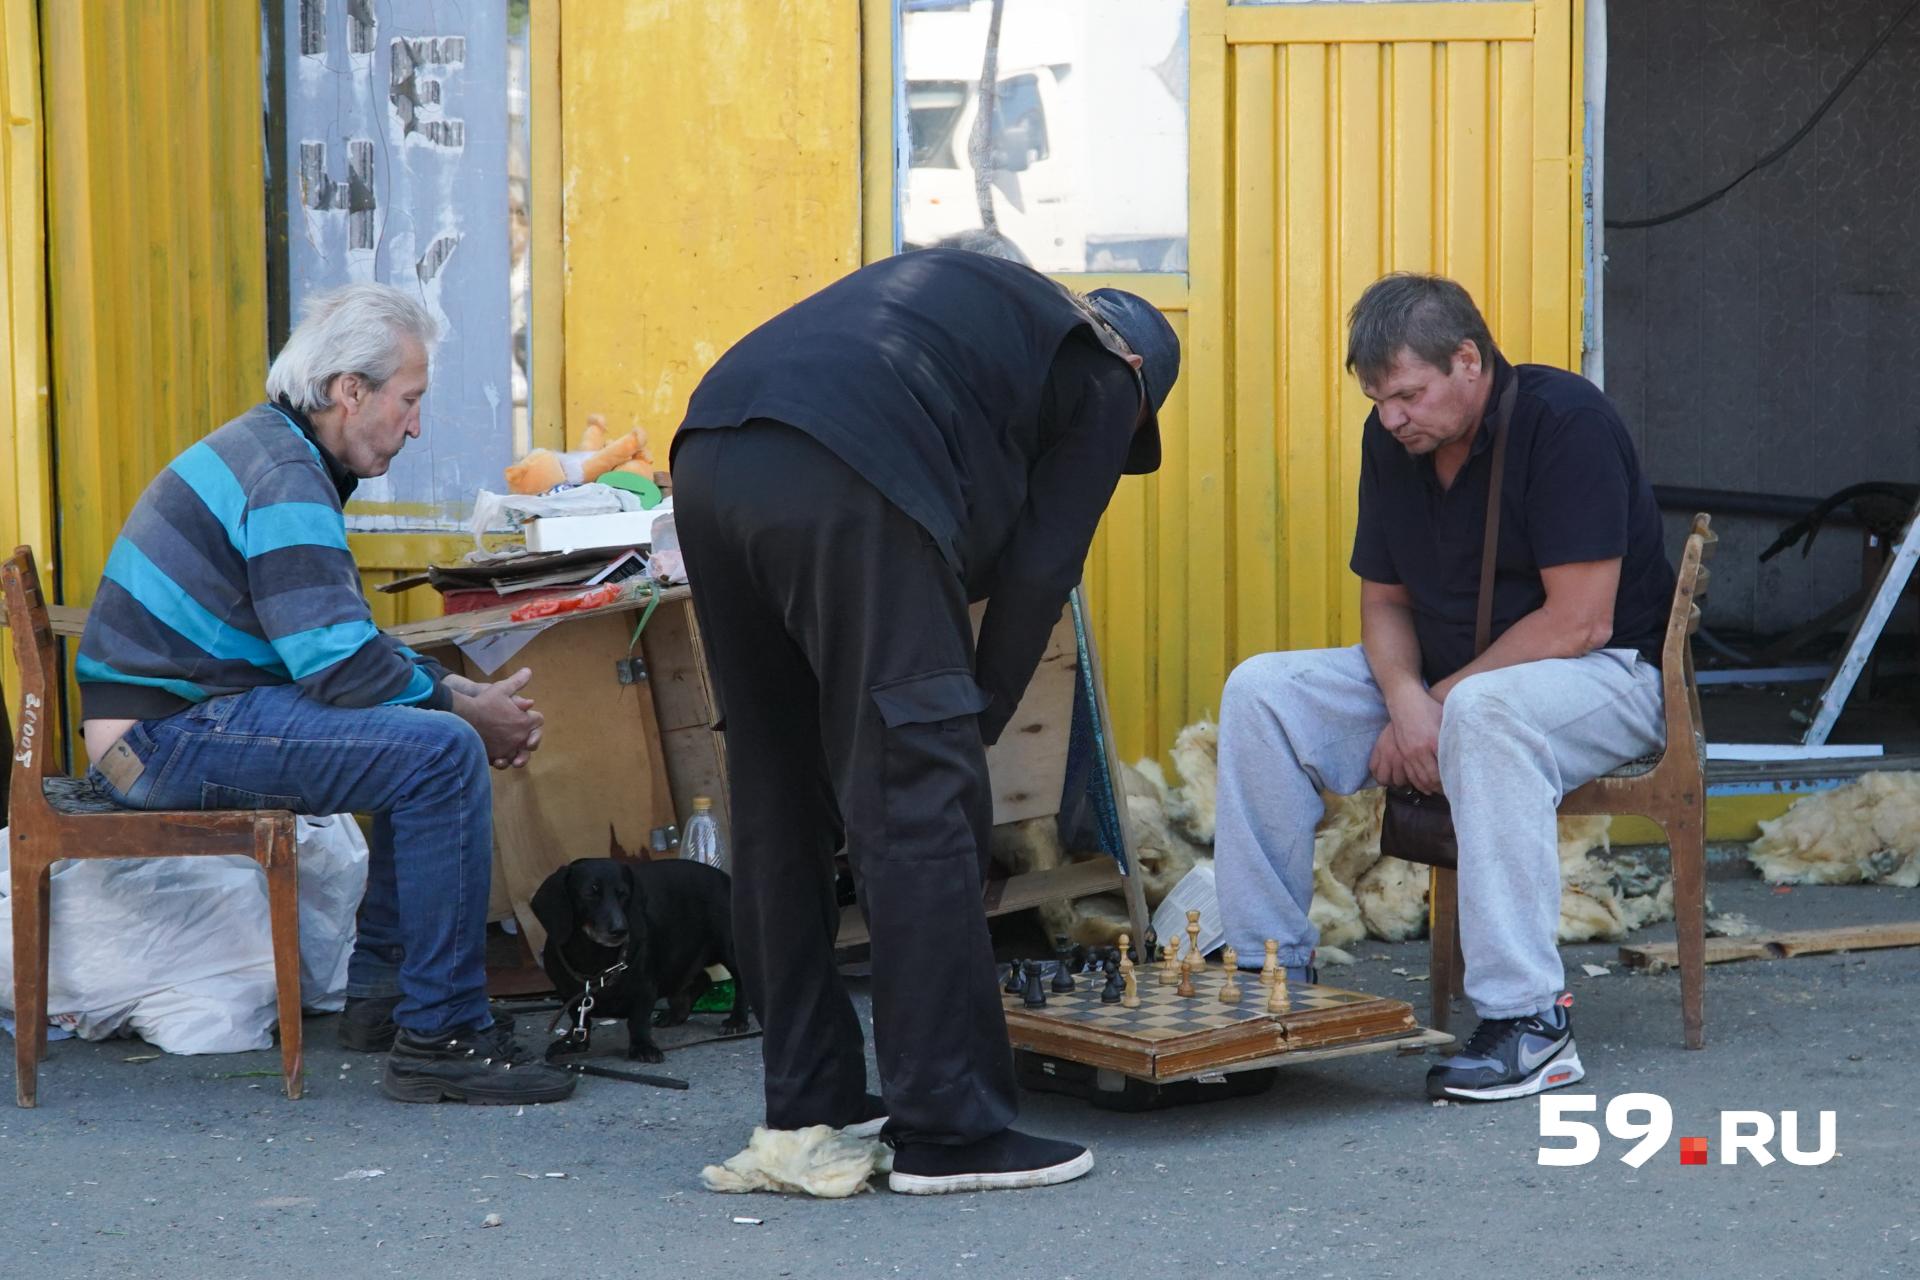 Когда спешить уже некуда, работники привычно проводят время на когда-то«живом» рынке